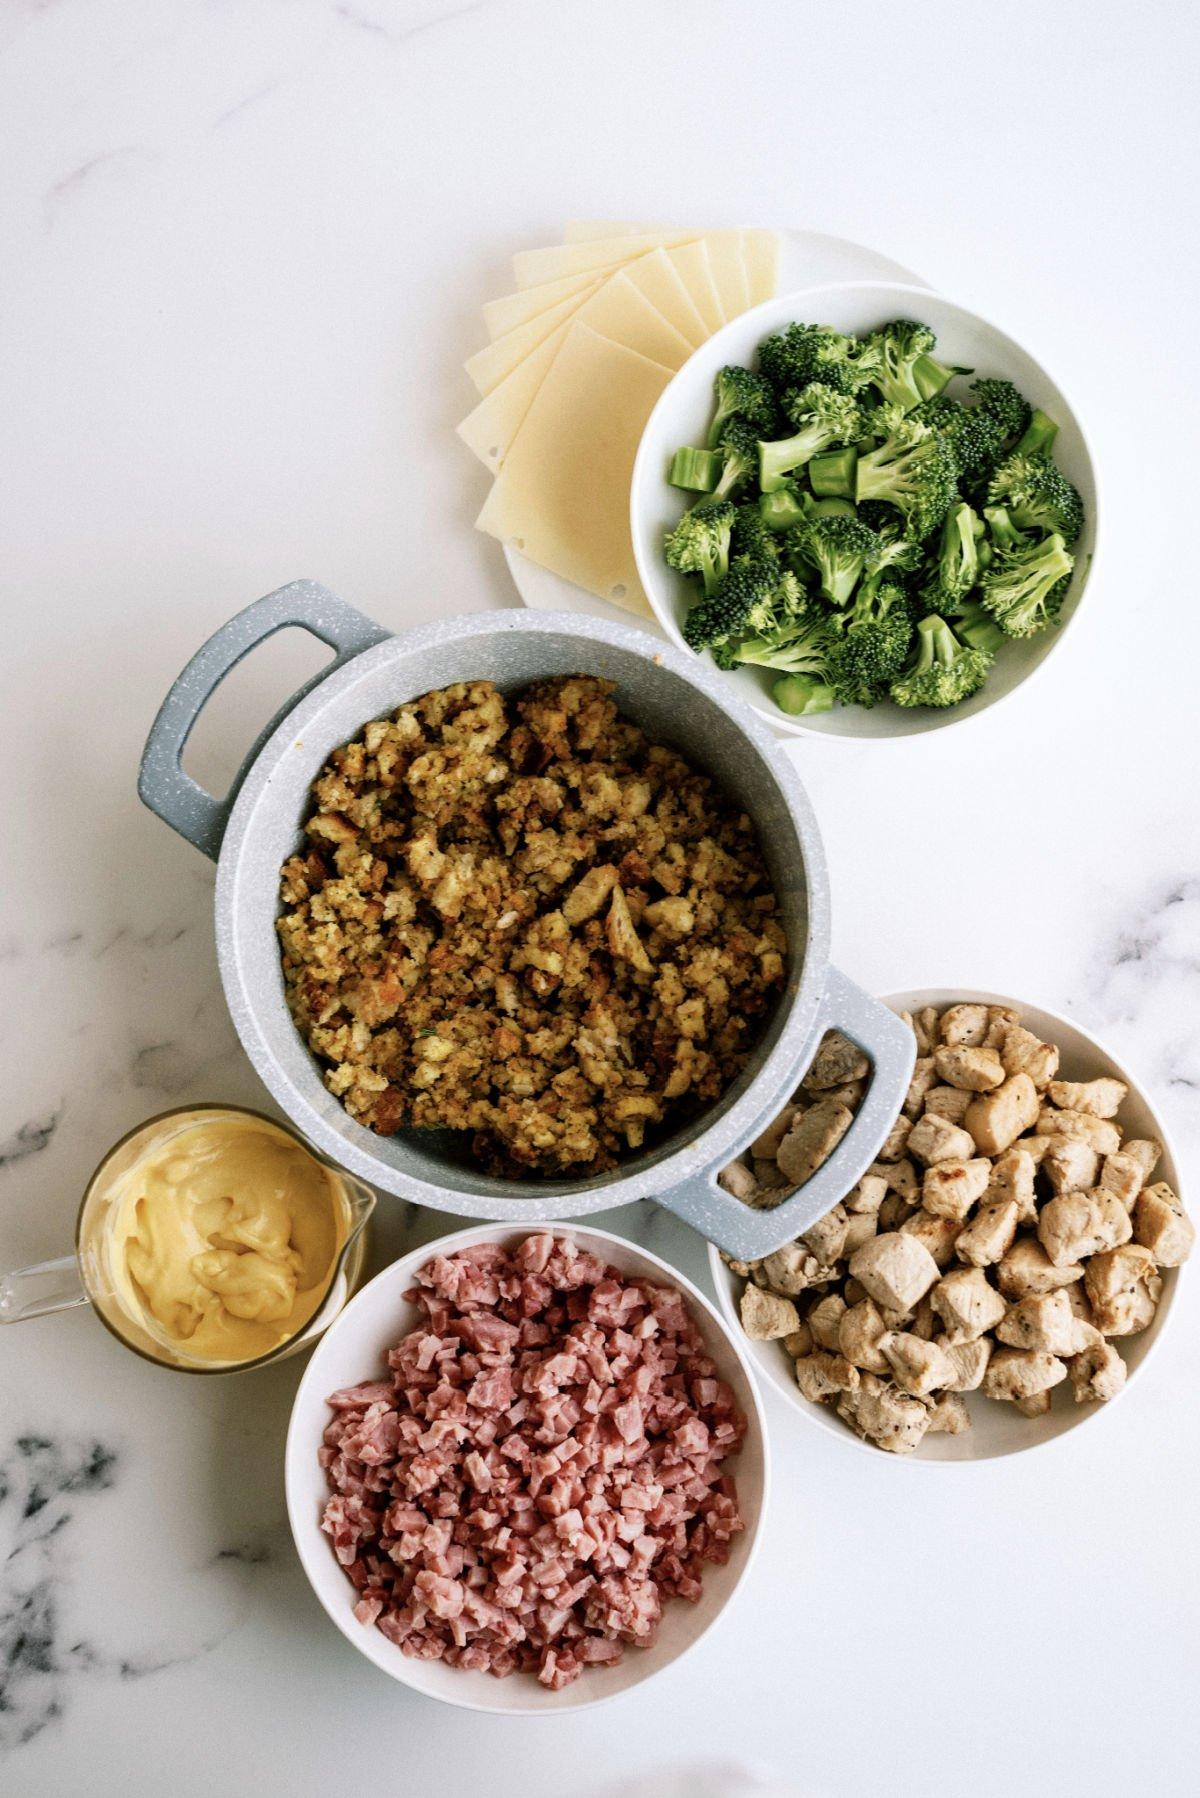 ingredients needed to make chicken cordon bleu casserole